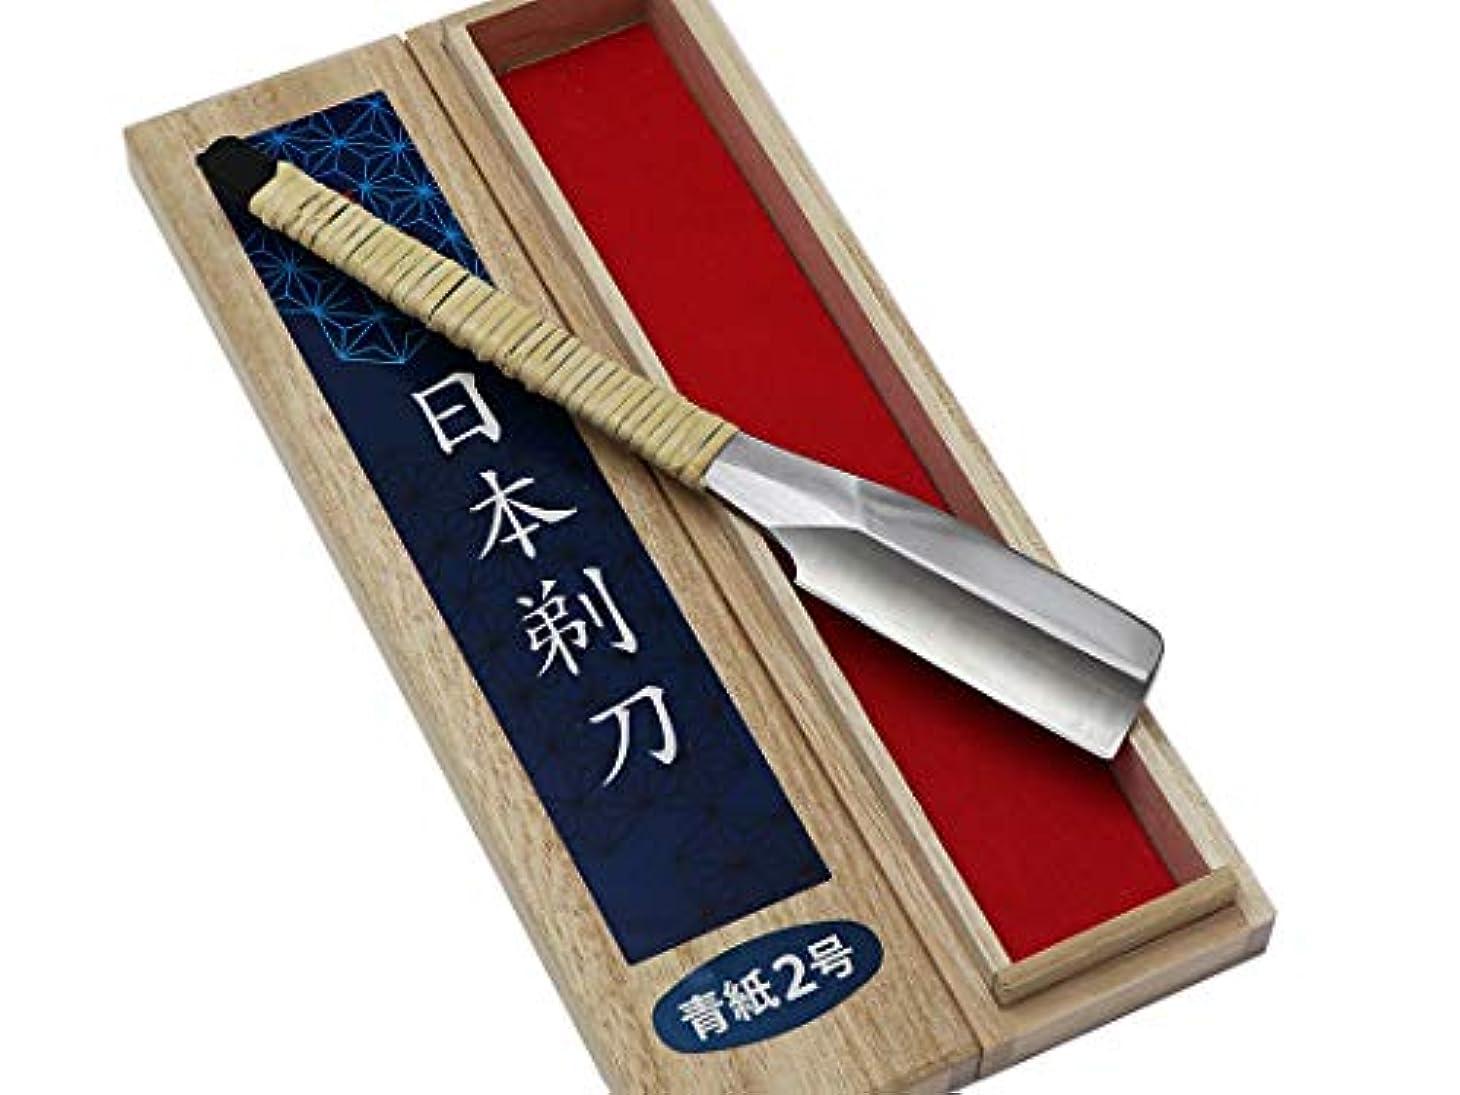 播州打ち刃物 兼長作 日本剃刀(にほんかみそり) 青二鋼 桐箱入